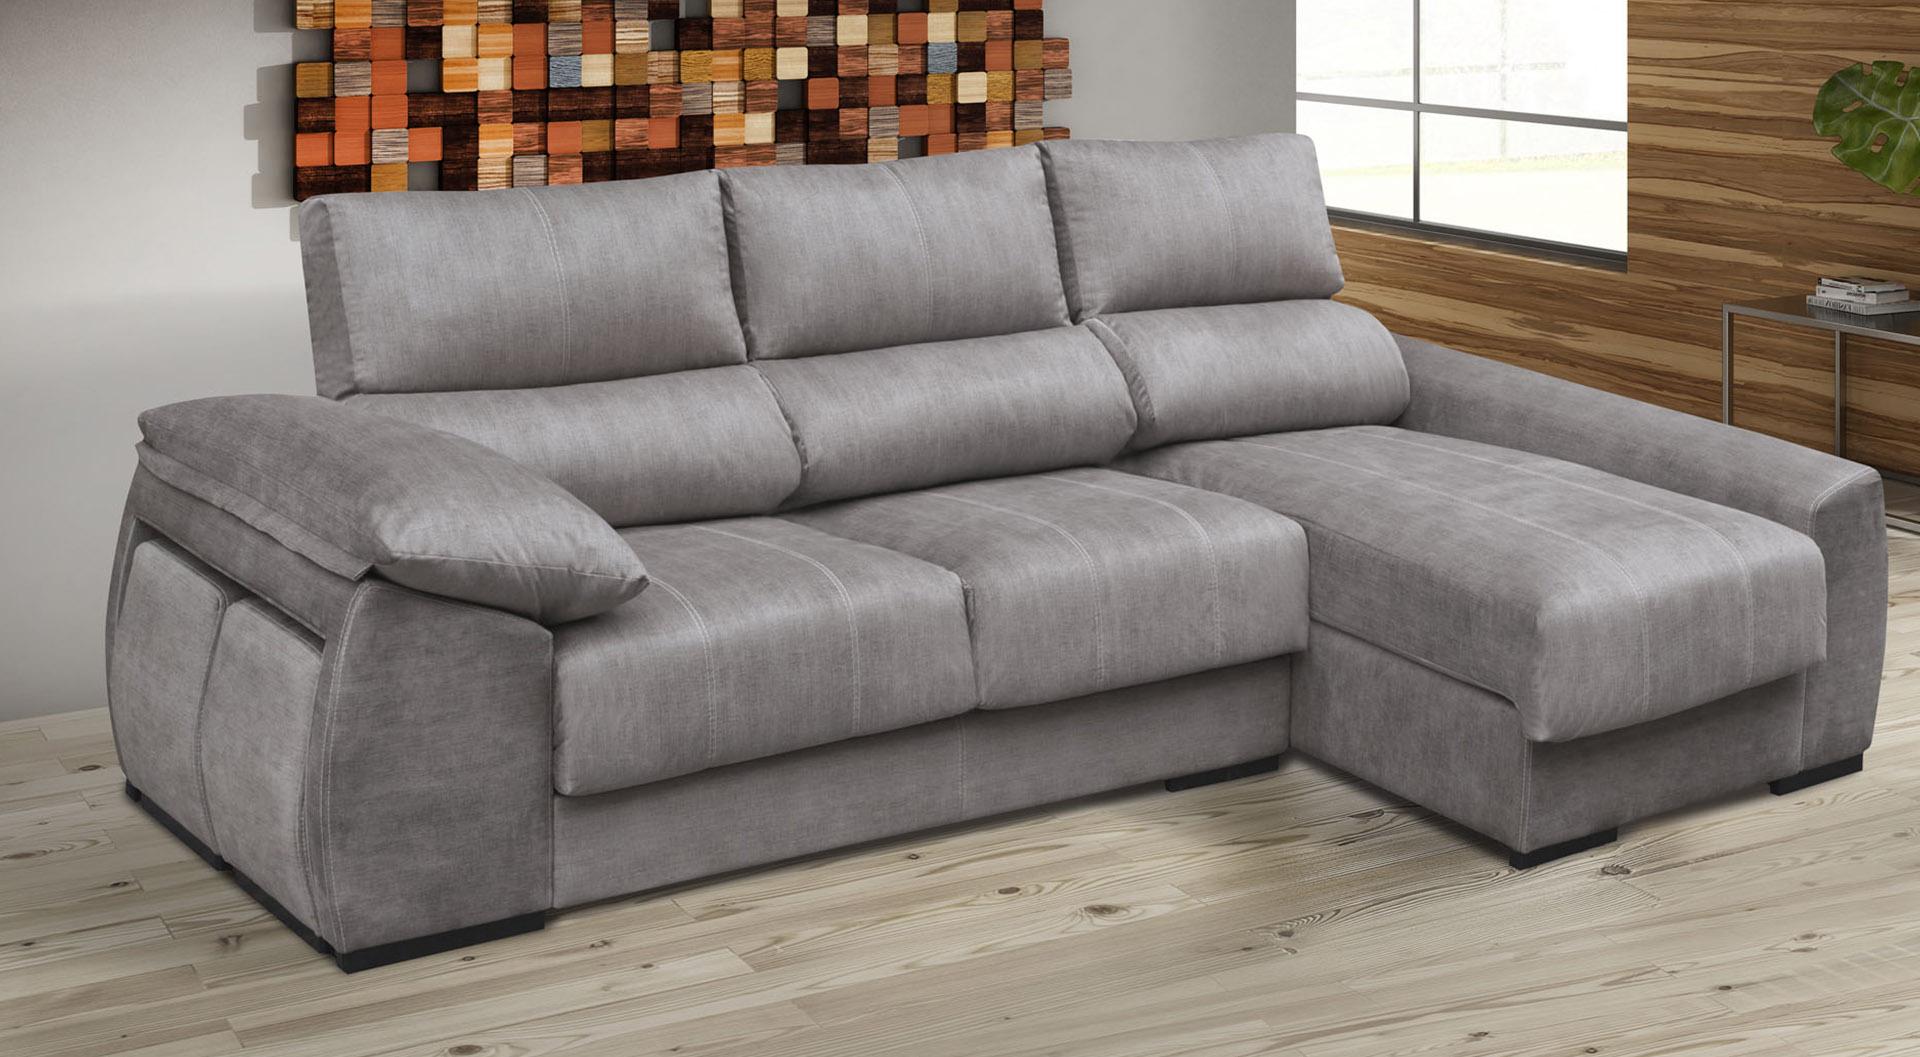 Chaiselongue o rinconera deslizante y reclinable con brazo puff, un sofá que se adopta fácilmente a todo tipo de estancias. Elige la medida y tapicería que más te encaje.